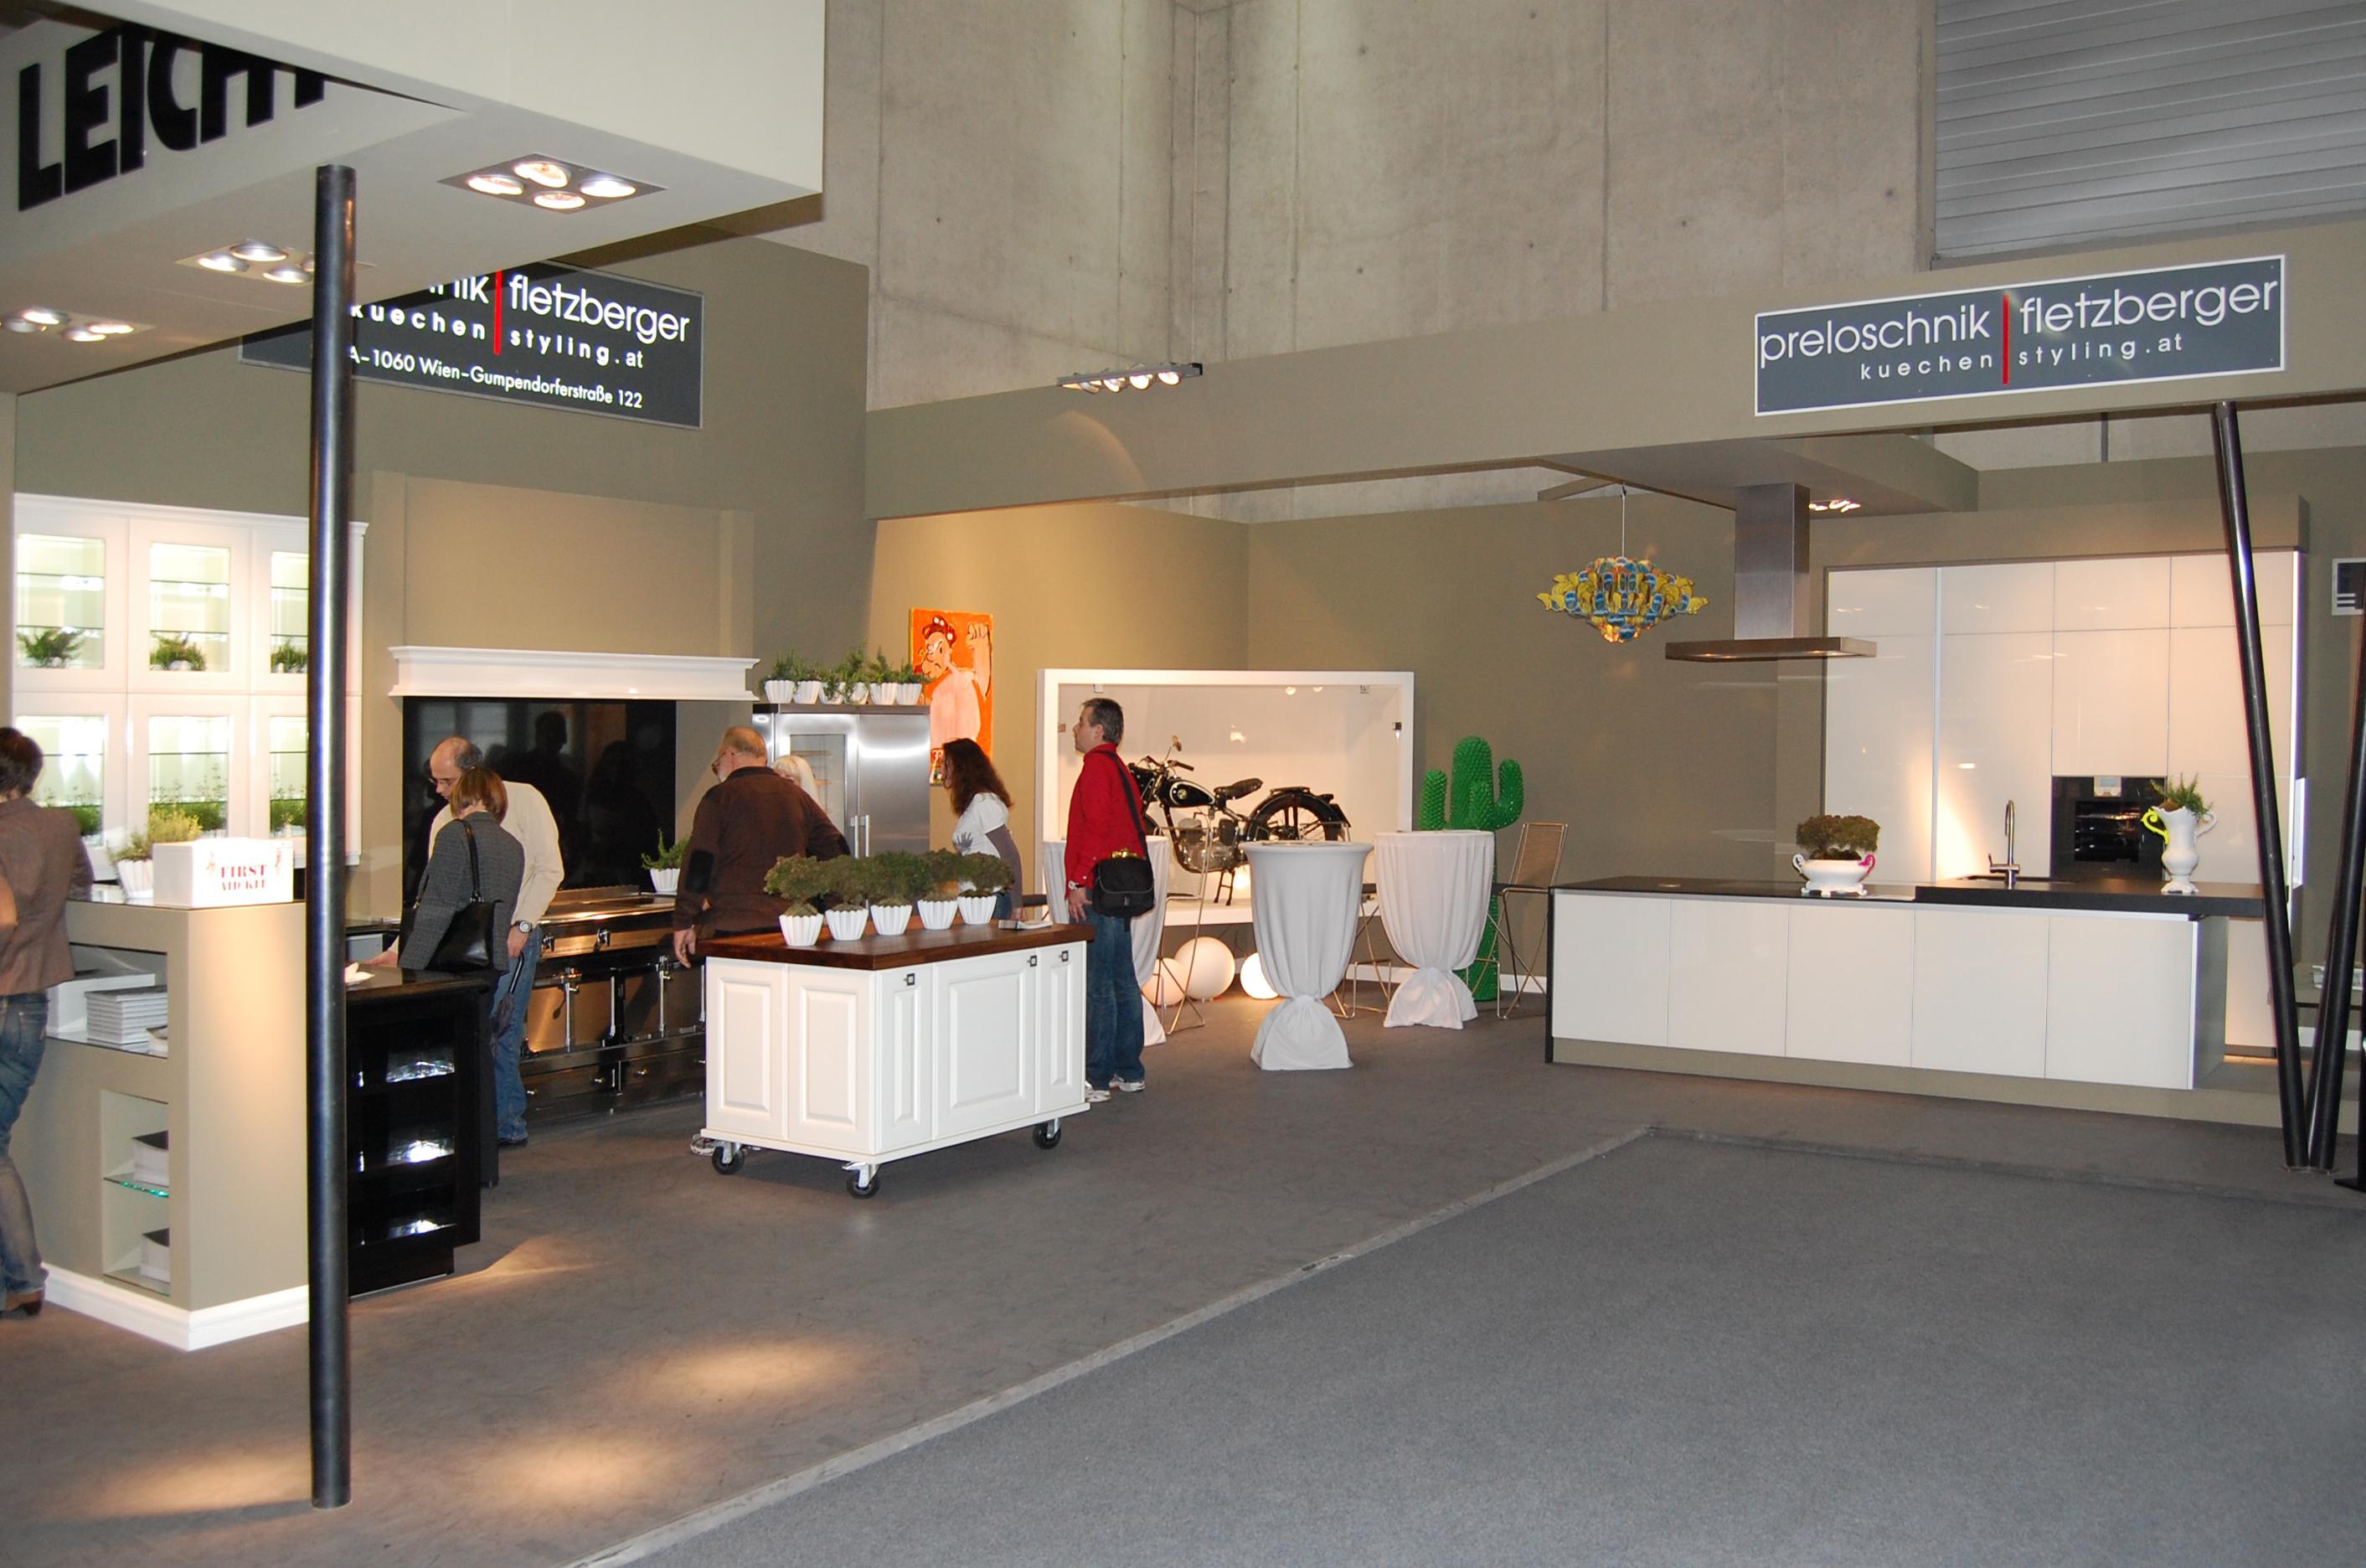 Wohnen interieur 2010 preloschnik for Interieur exterieur wohnen in der kunst